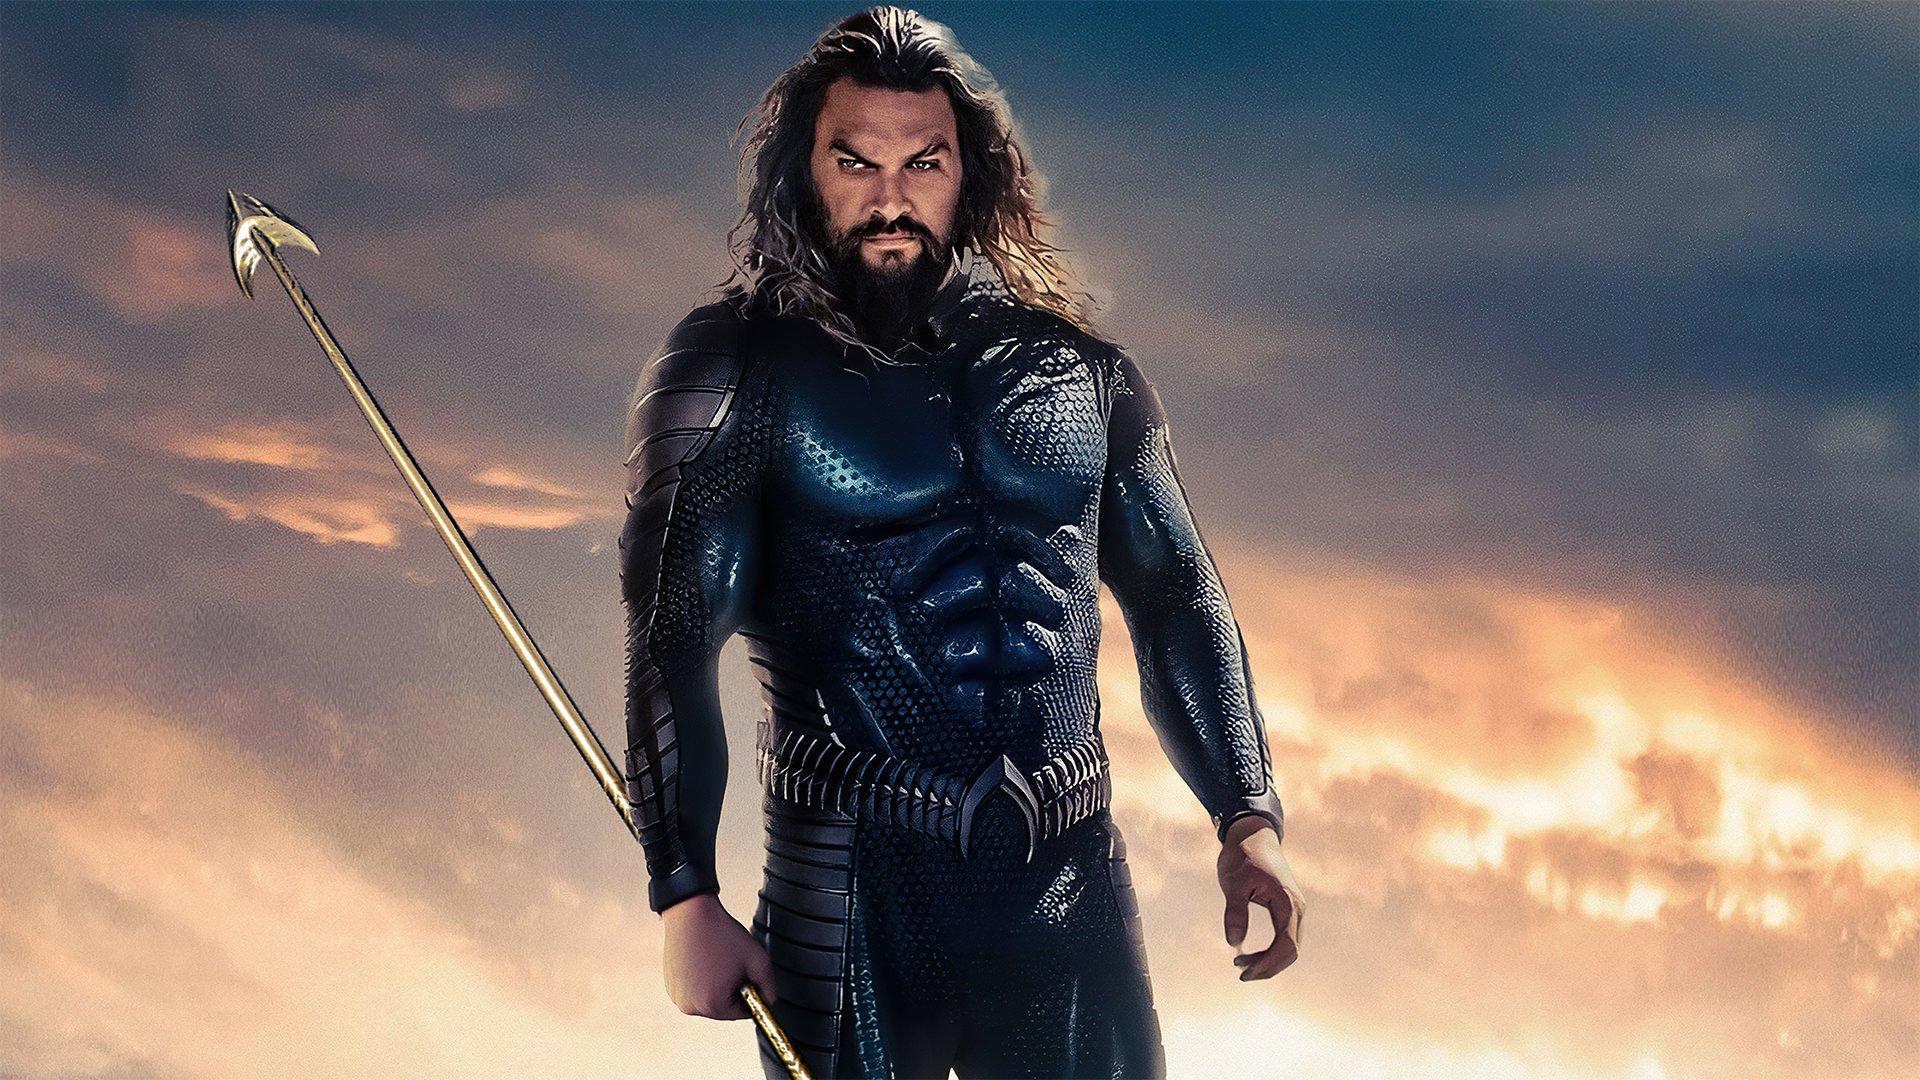 ظاهر بلک مانتا در ویدیوی پشت صحنه فیلم Aquaman and the Lost Kingdom